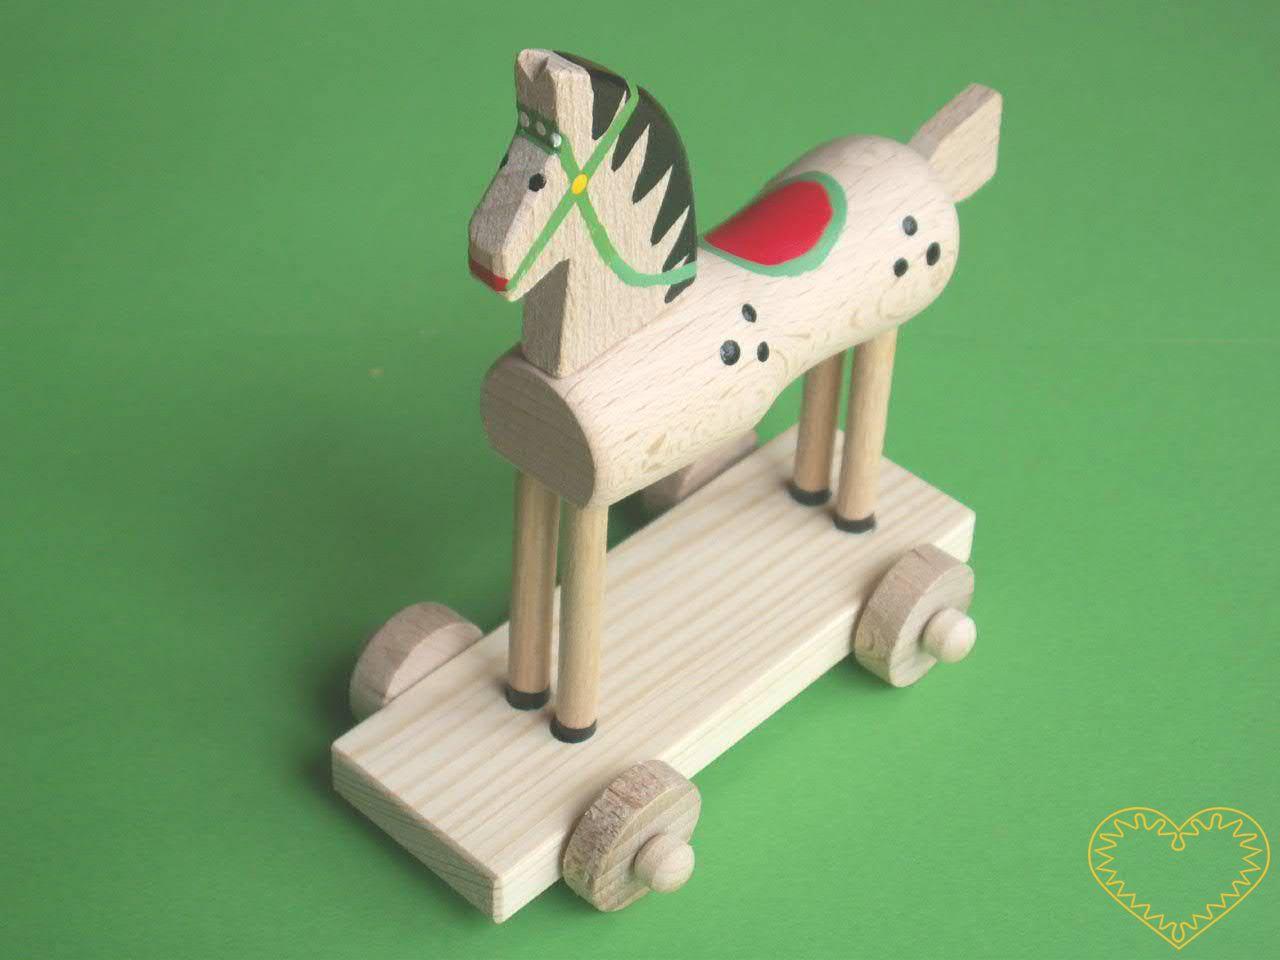 Dřevěný koník na kolečkách - větší. Krásně malovaný suvenýr vycházející ze vzorů tradičních dětských dřevěných hraček. Koník na podstavci se pohybuje pomocí 4 koleček.